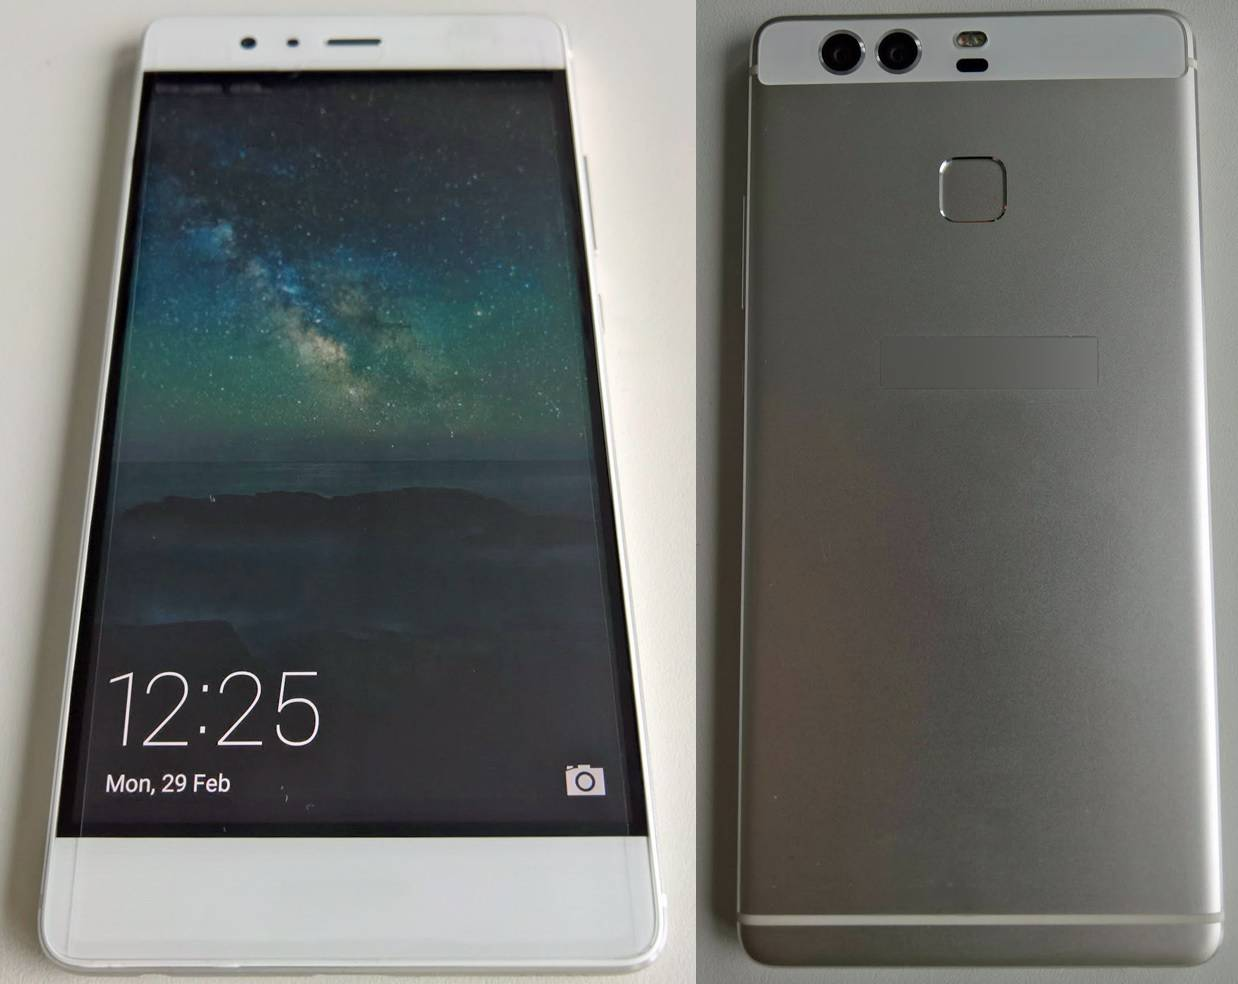 Huawei P9 Leaked Image 03